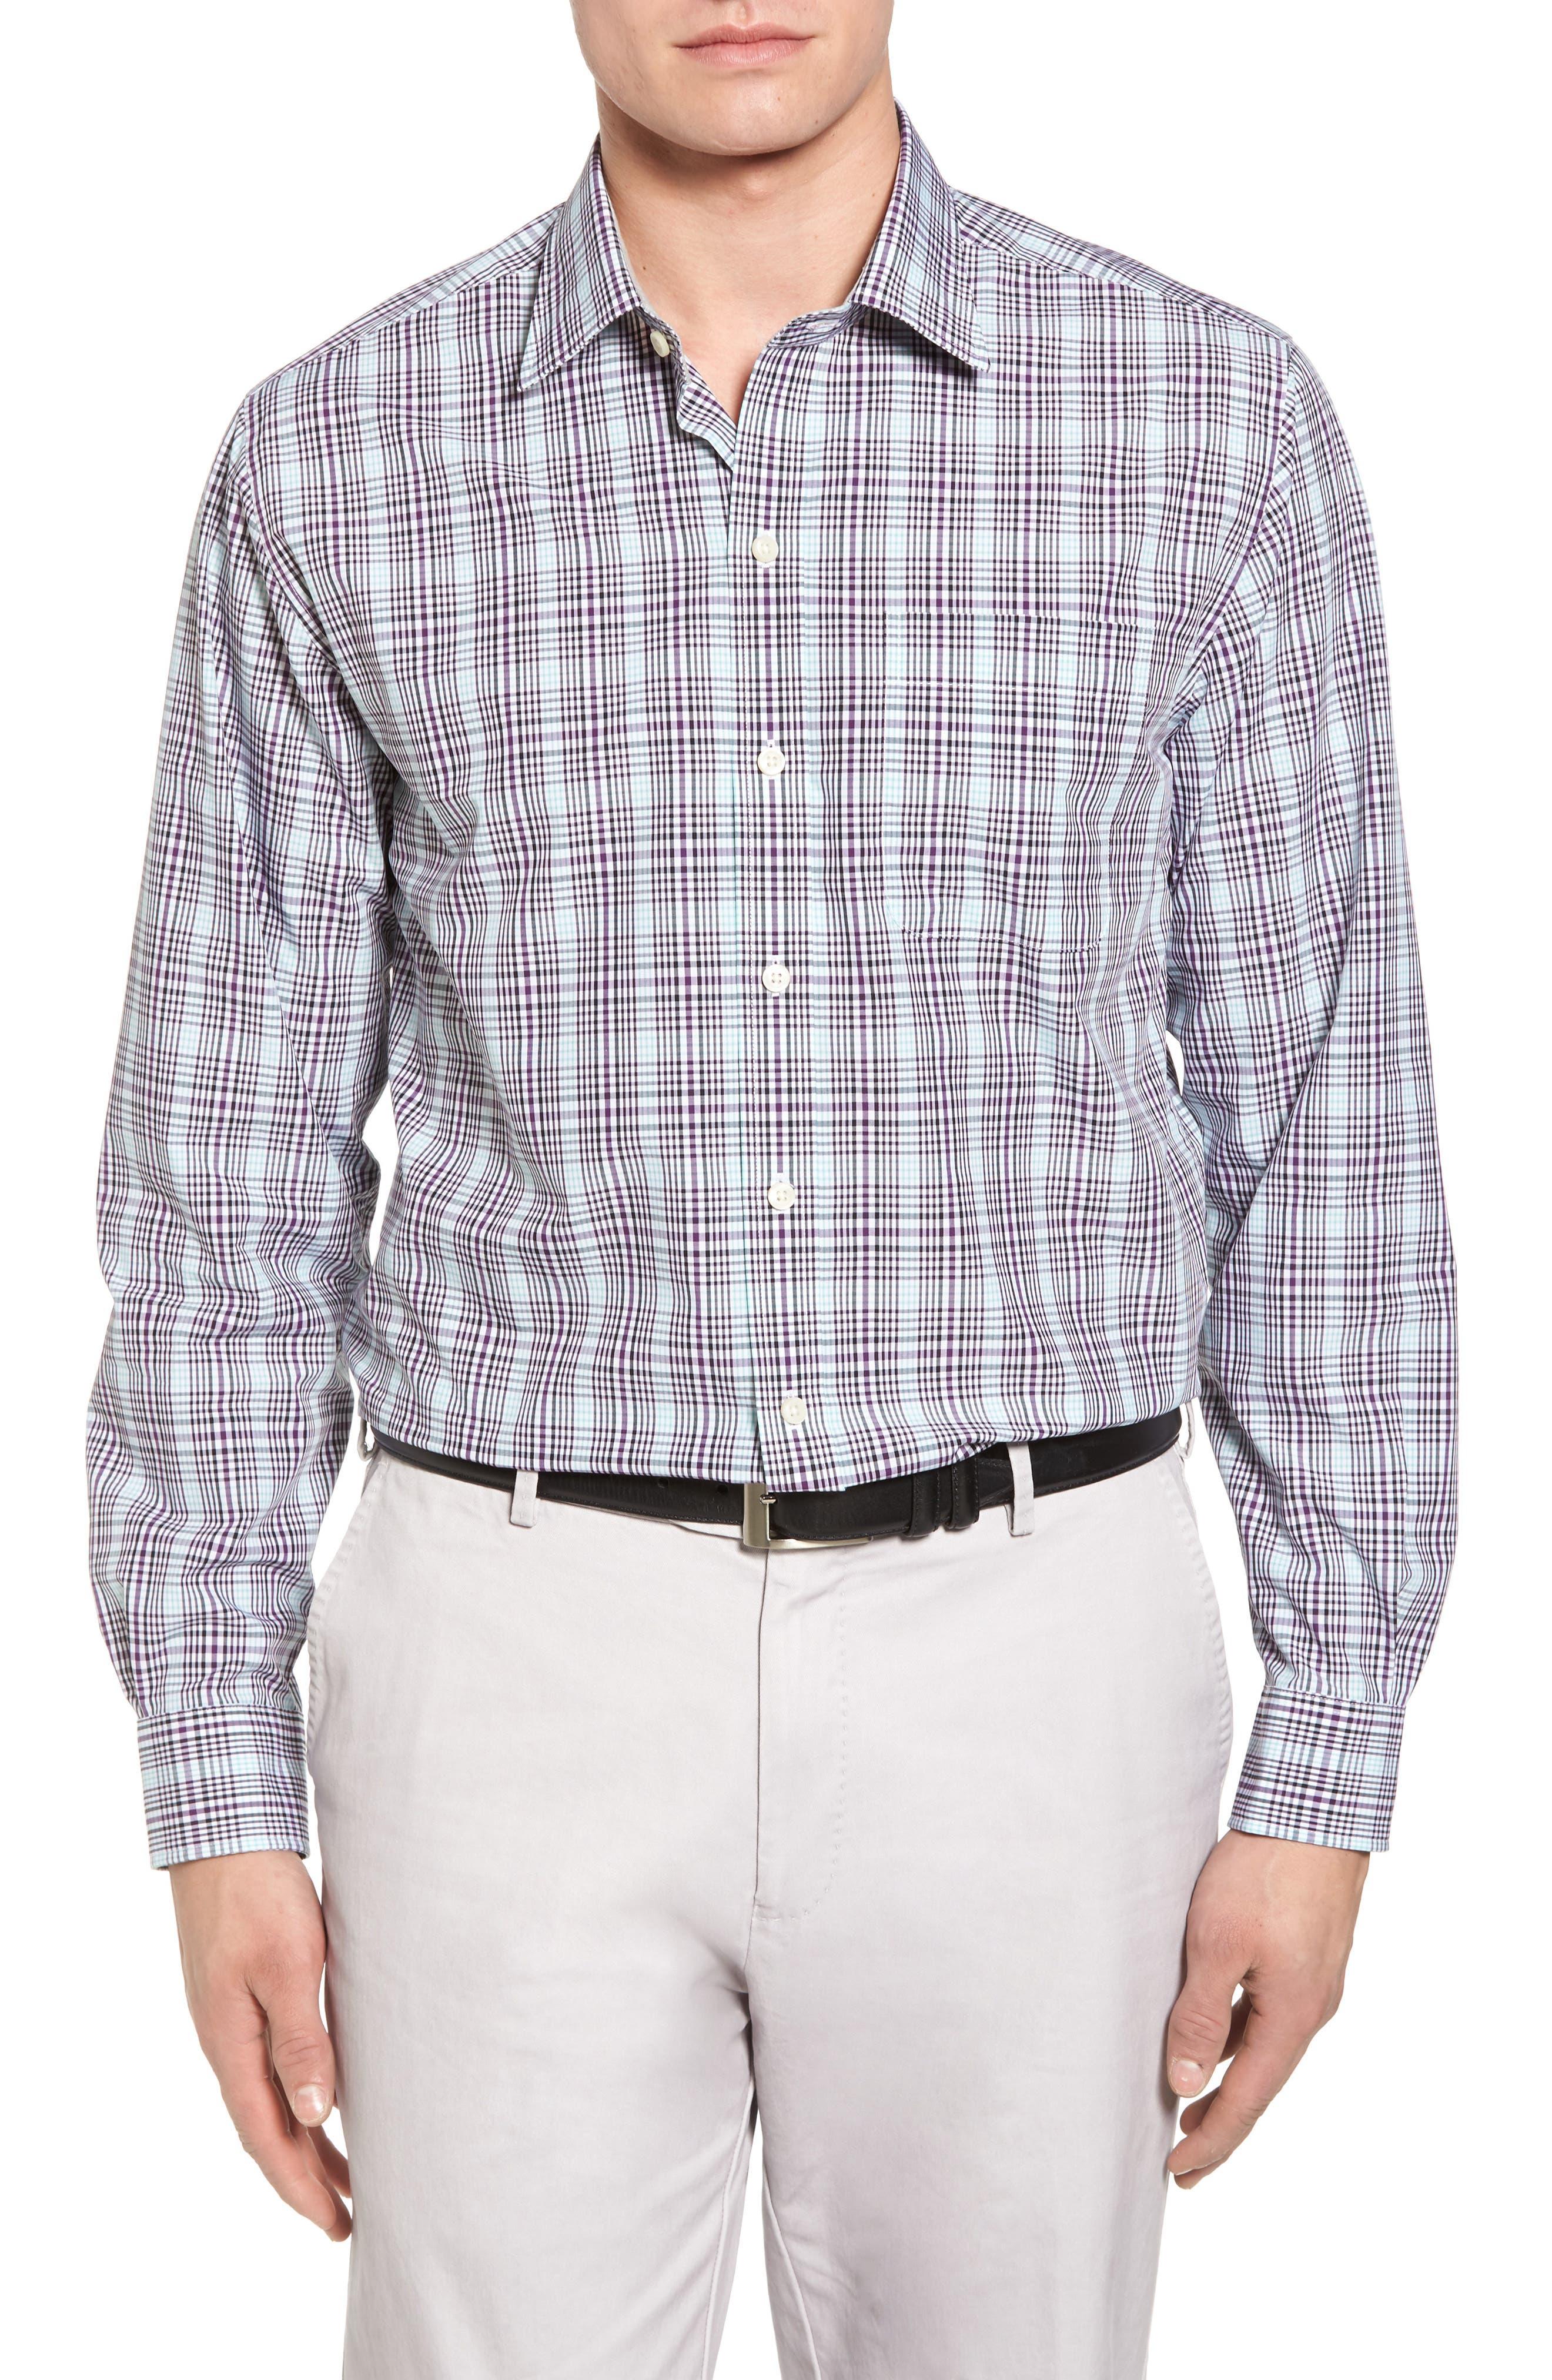 Cutter & Buck Hoyt Plaid Non-Iron Sport Shirt